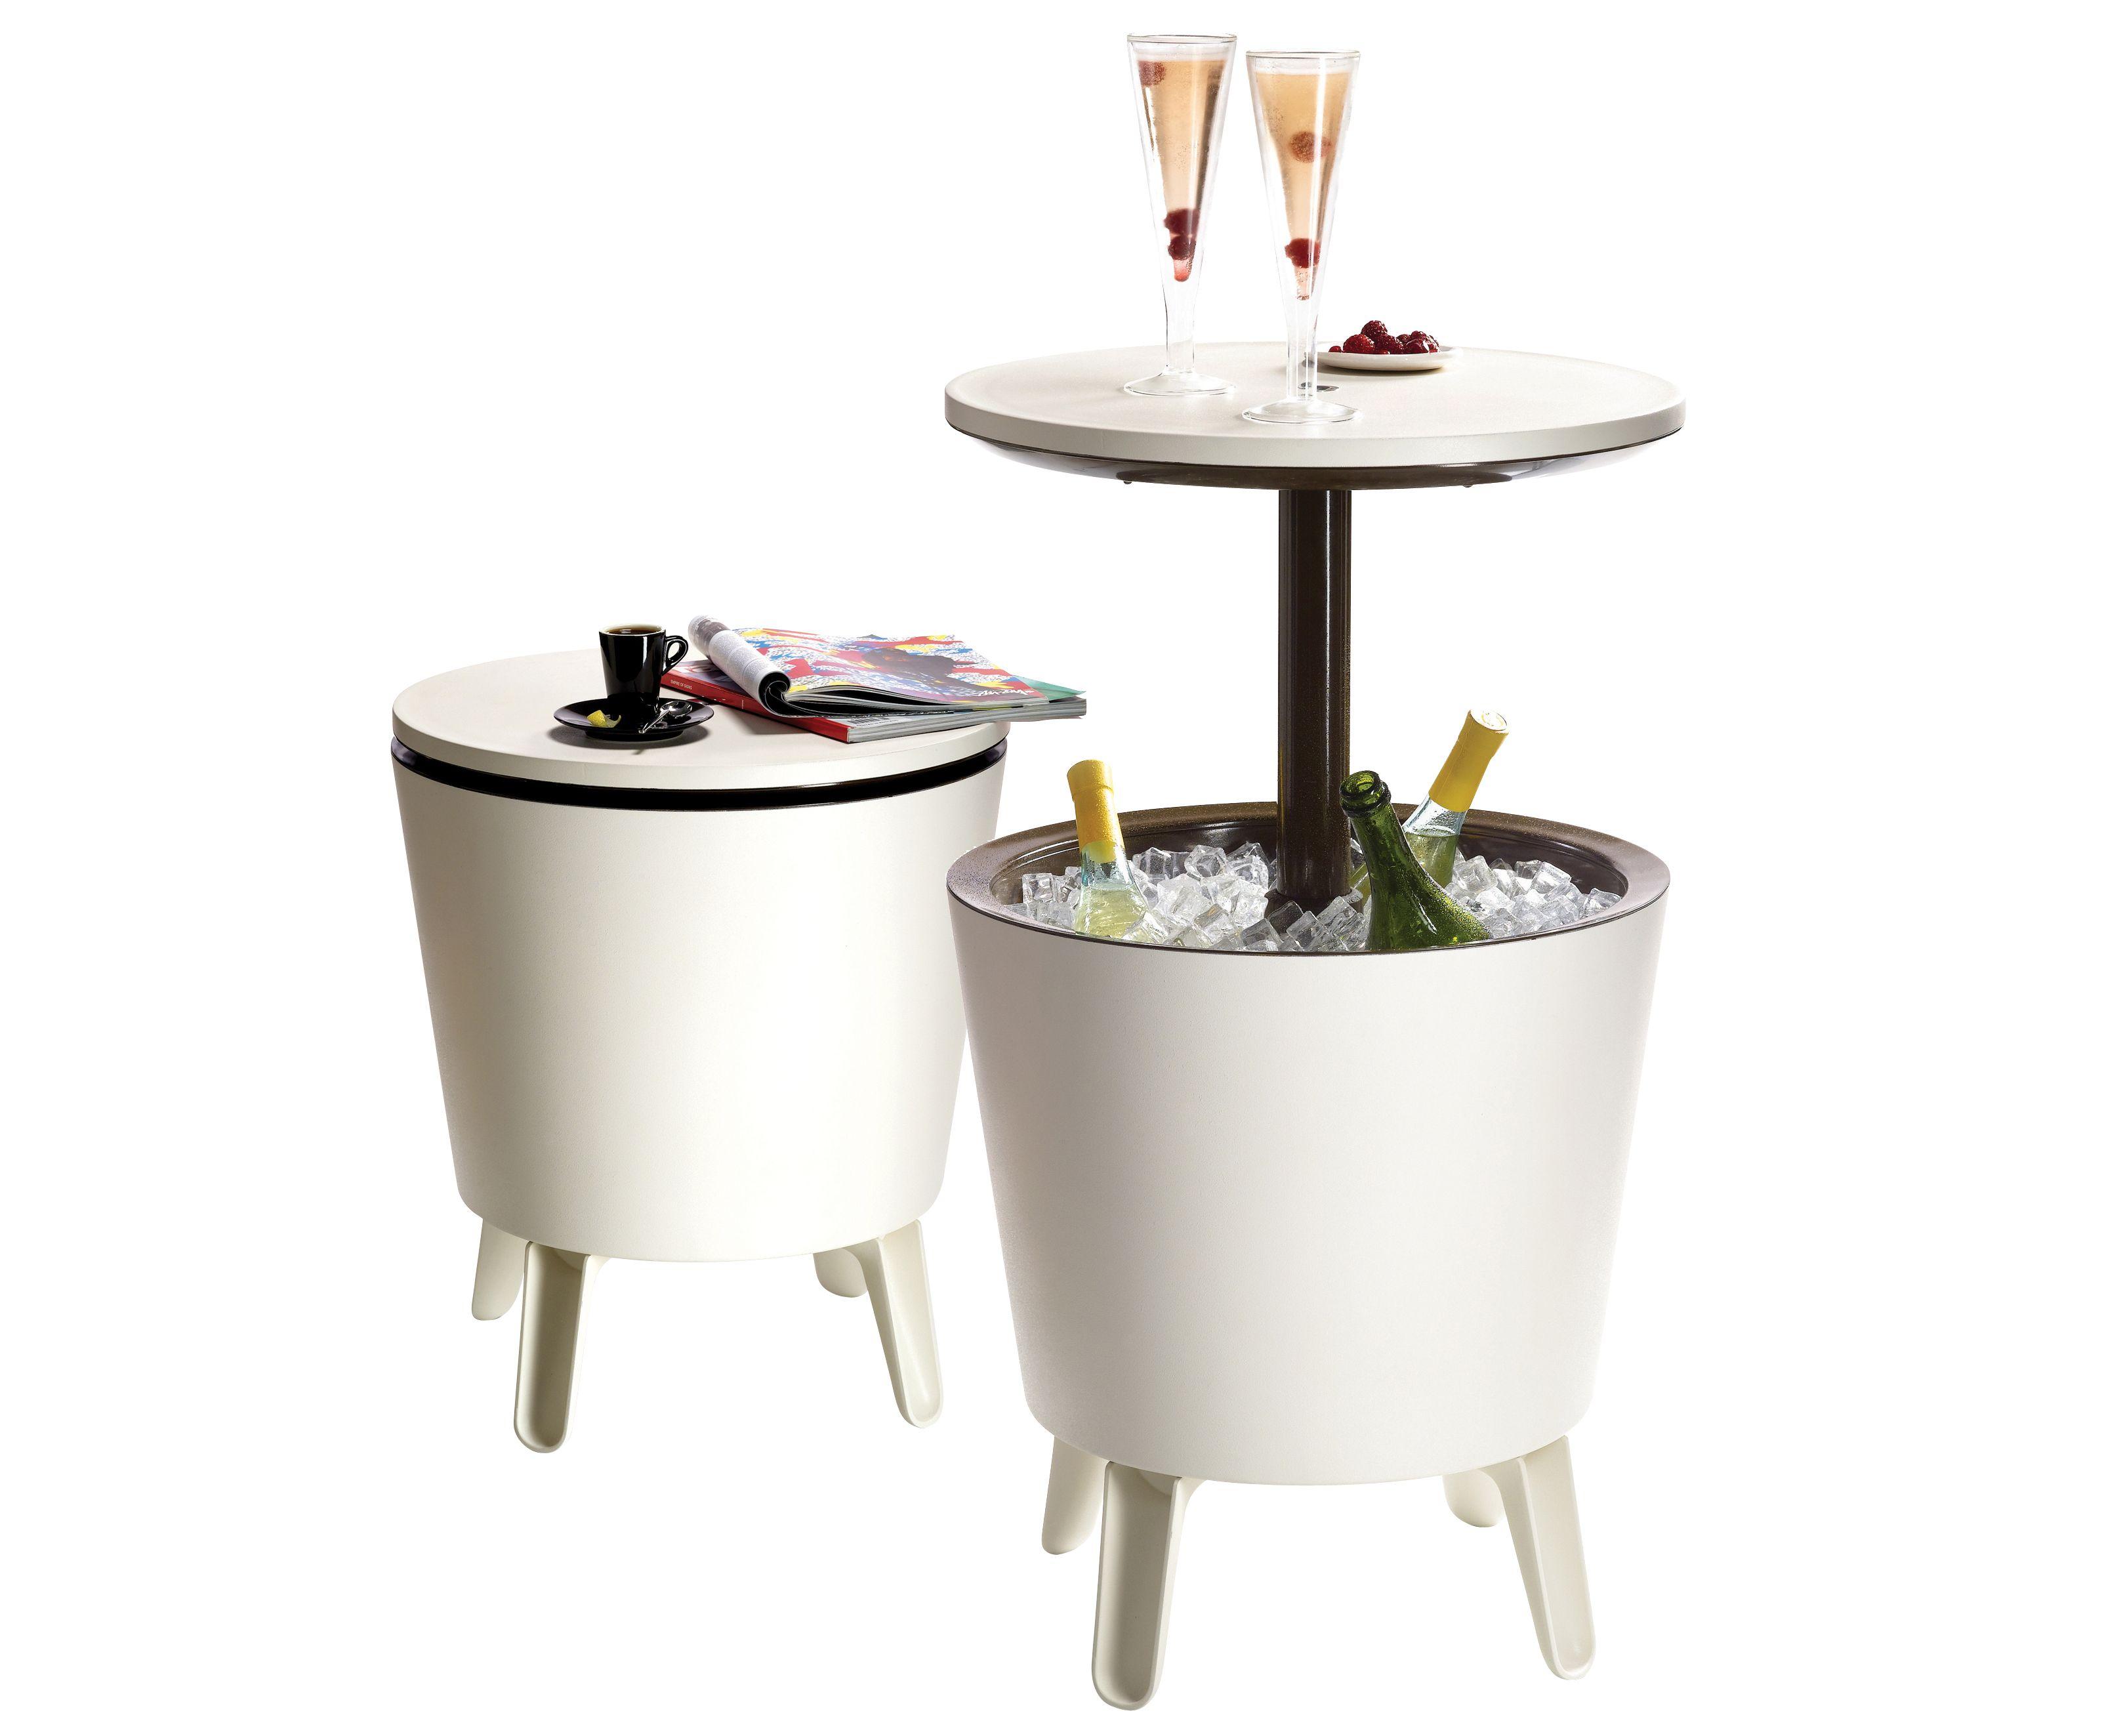 Aki bricolaje jardiner a y decoraci n mesa nevera cool bar nevera mesa de c ctel y mesa de - Bricolaje y decoracion ...